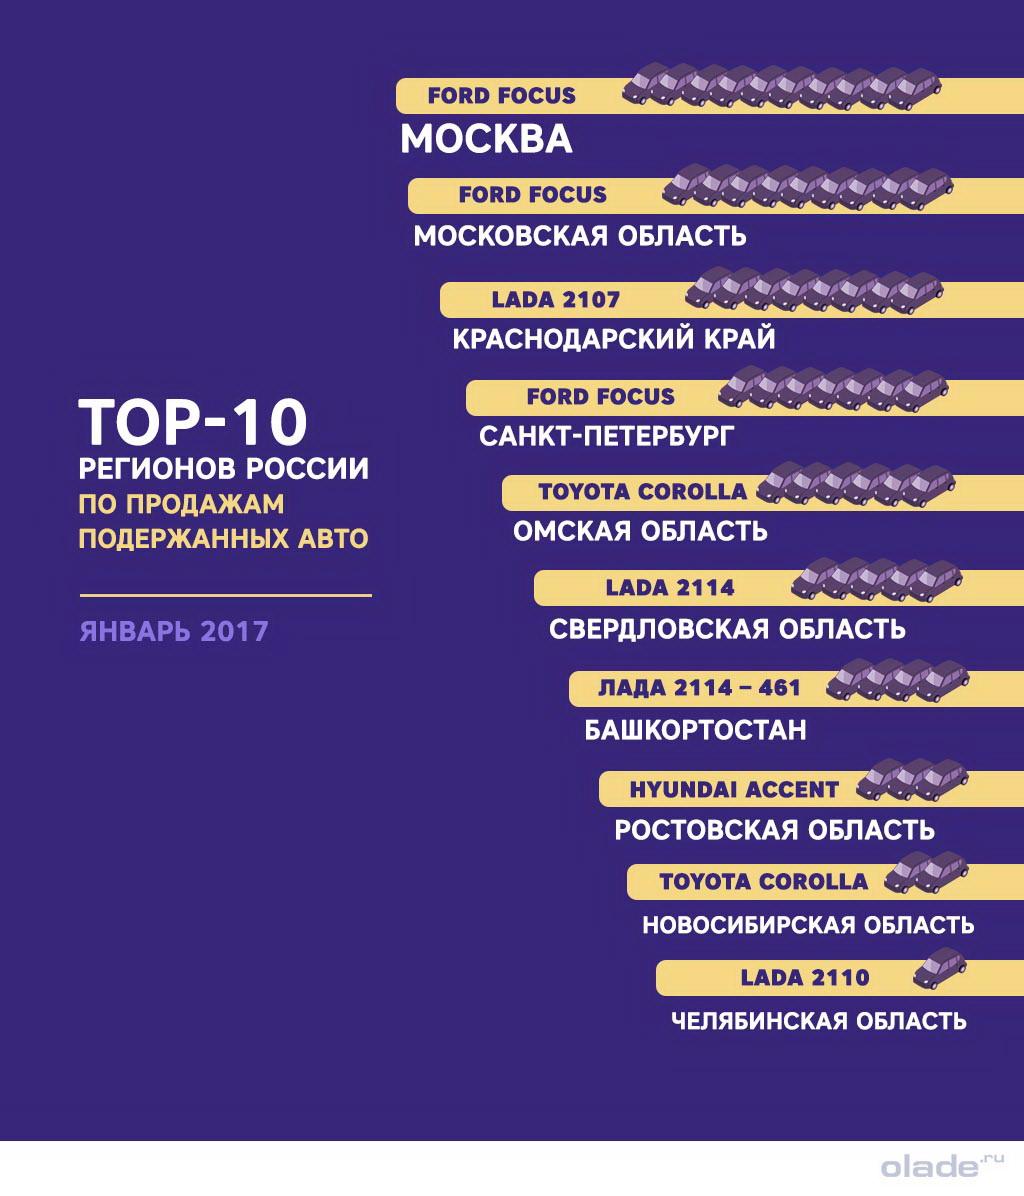 Топ-10 регионов России по продажам подержанных авто